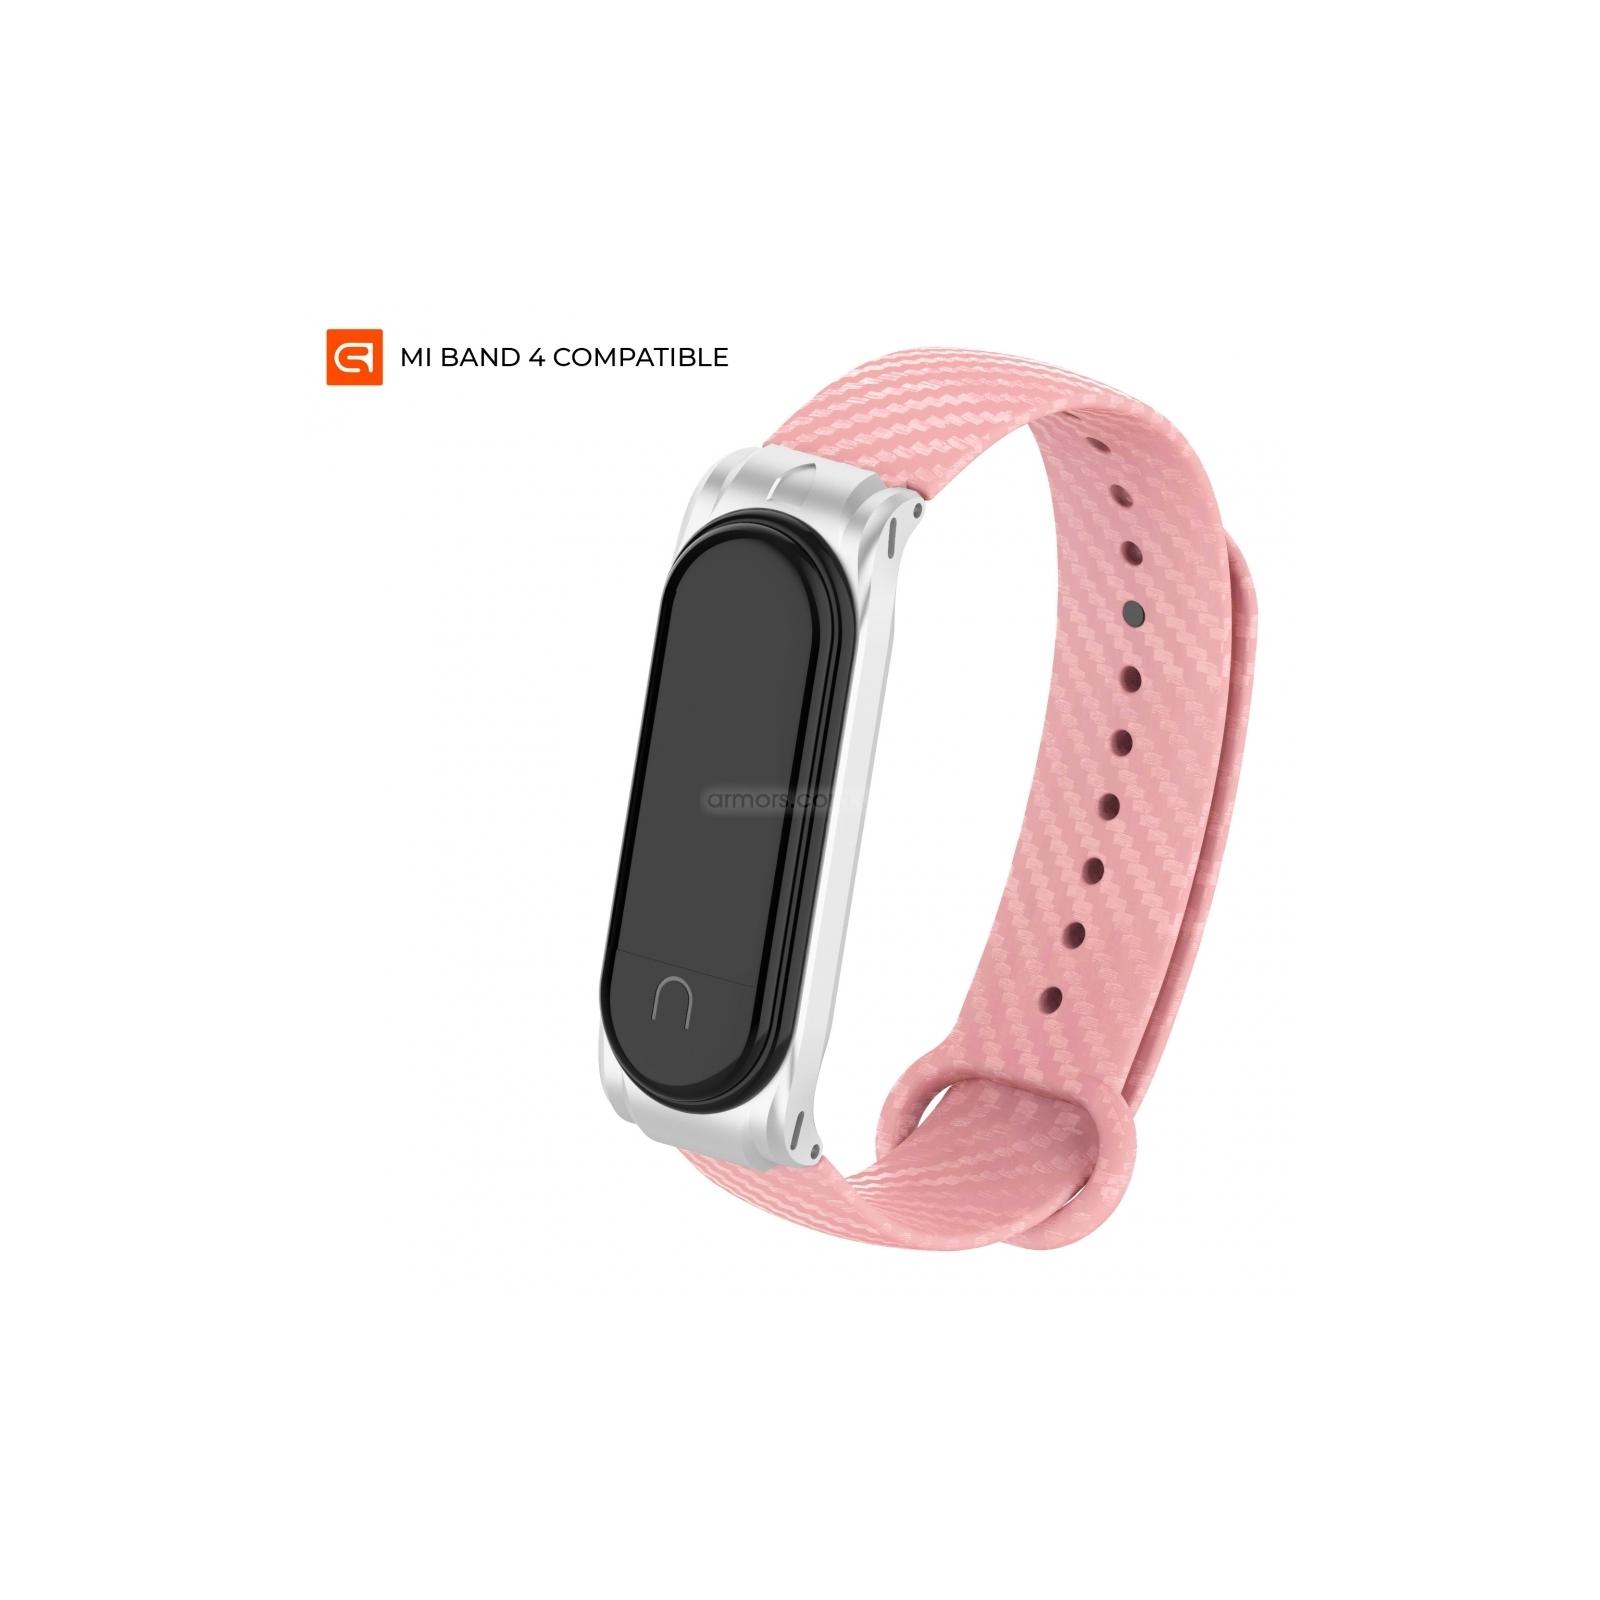 Ремешок для фитнес браслета Armorstandart Carbon Silicone Series для Xiaomi Mi Band 4/3 Pink (ARM55198)